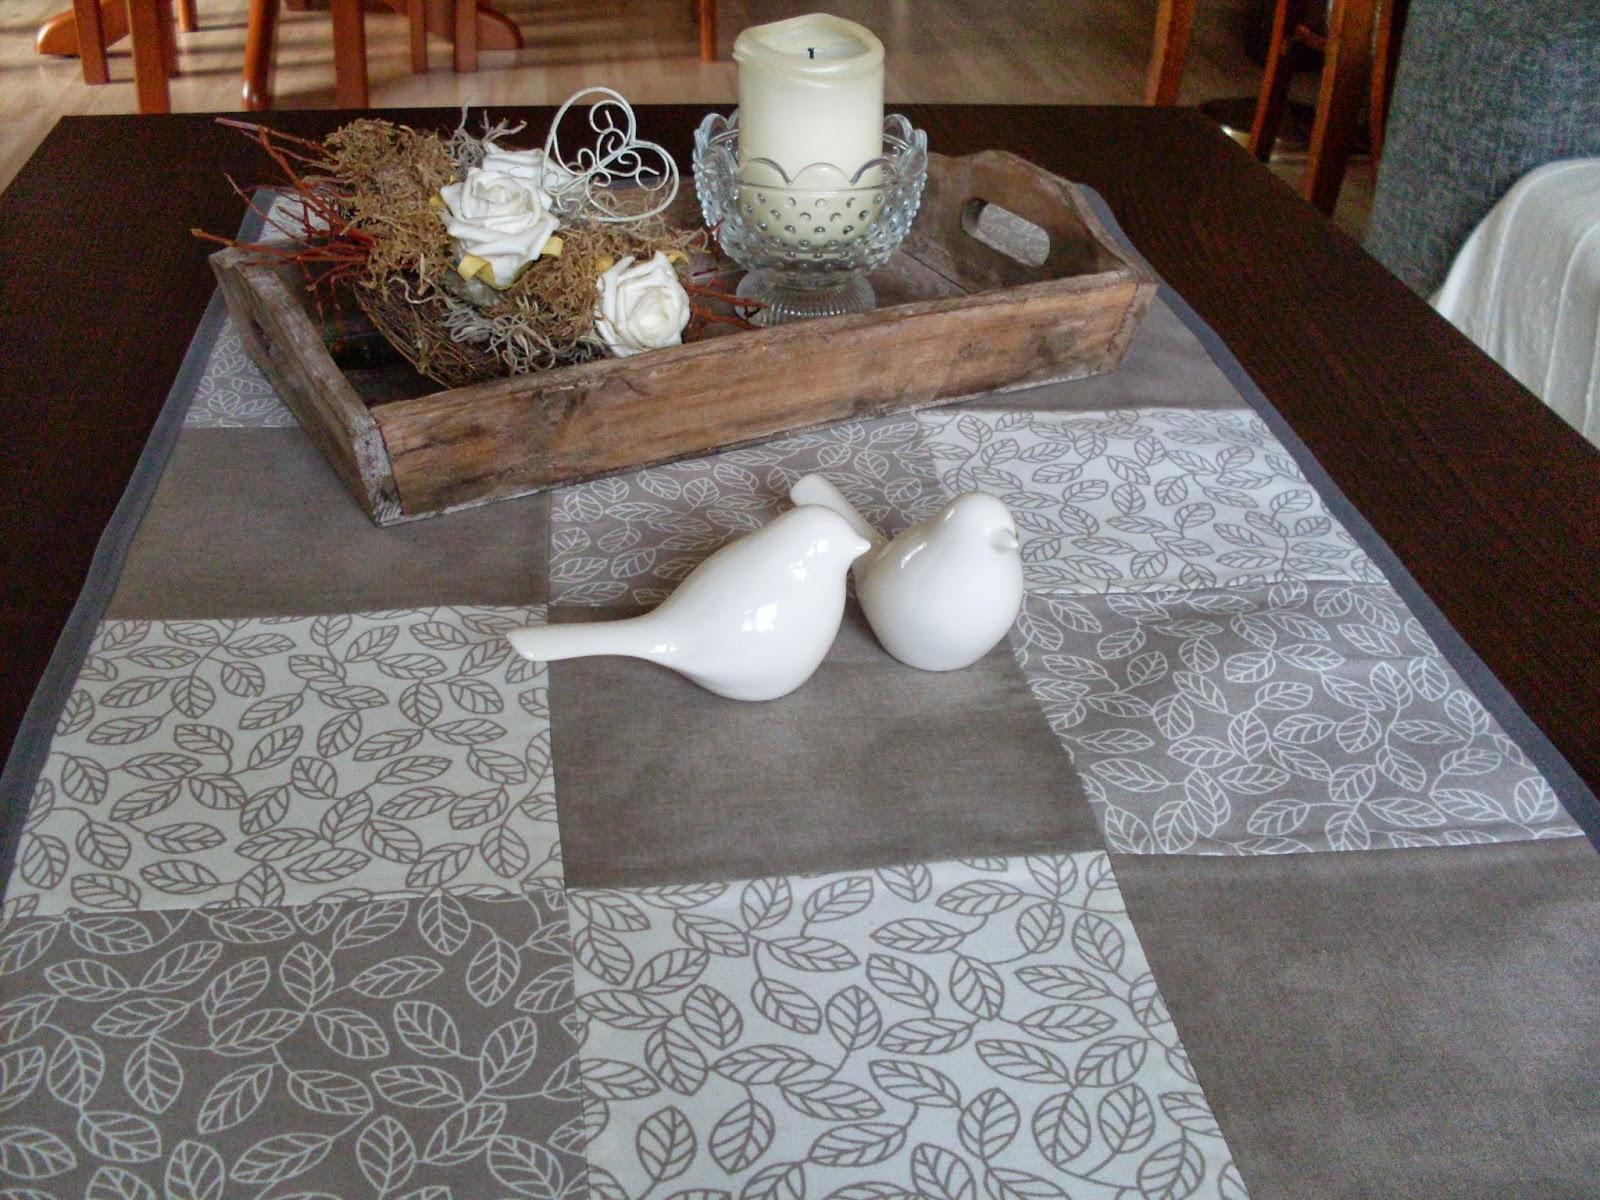 tischdecken selber naehen macht spass, alex lernt nähen: wohnzimmer-patchwork-tischdecke, Innenarchitektur